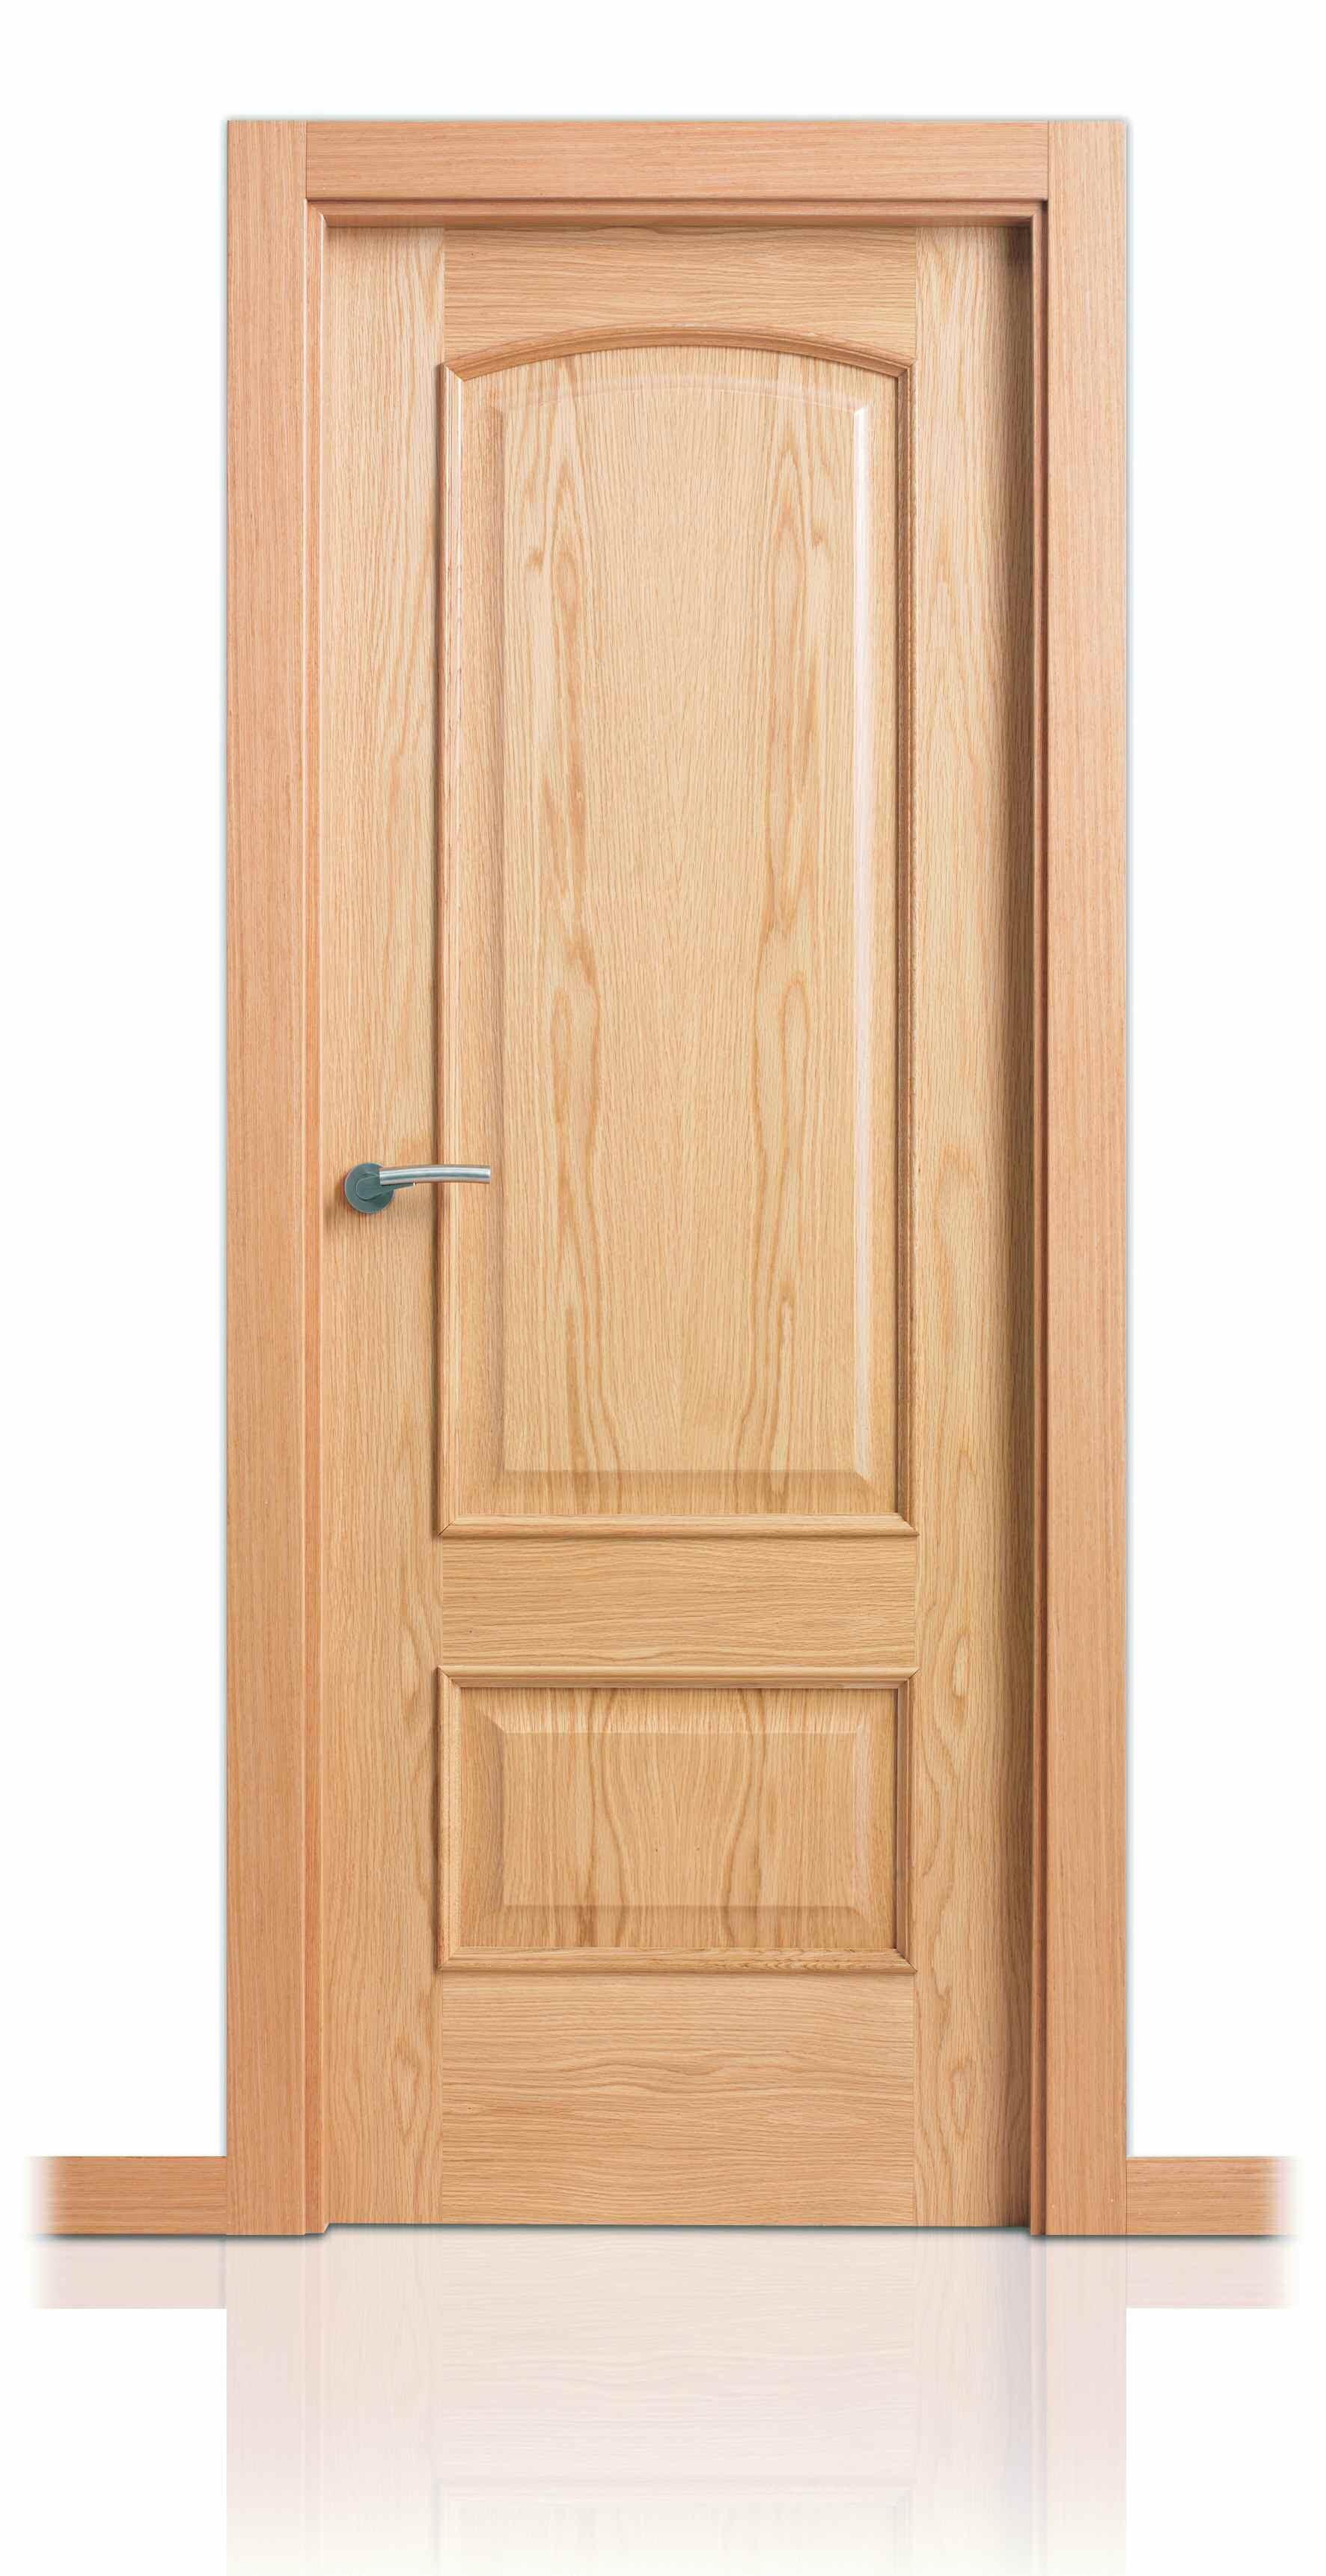 Image gallery puerta - Puertas rusticas de madera ...